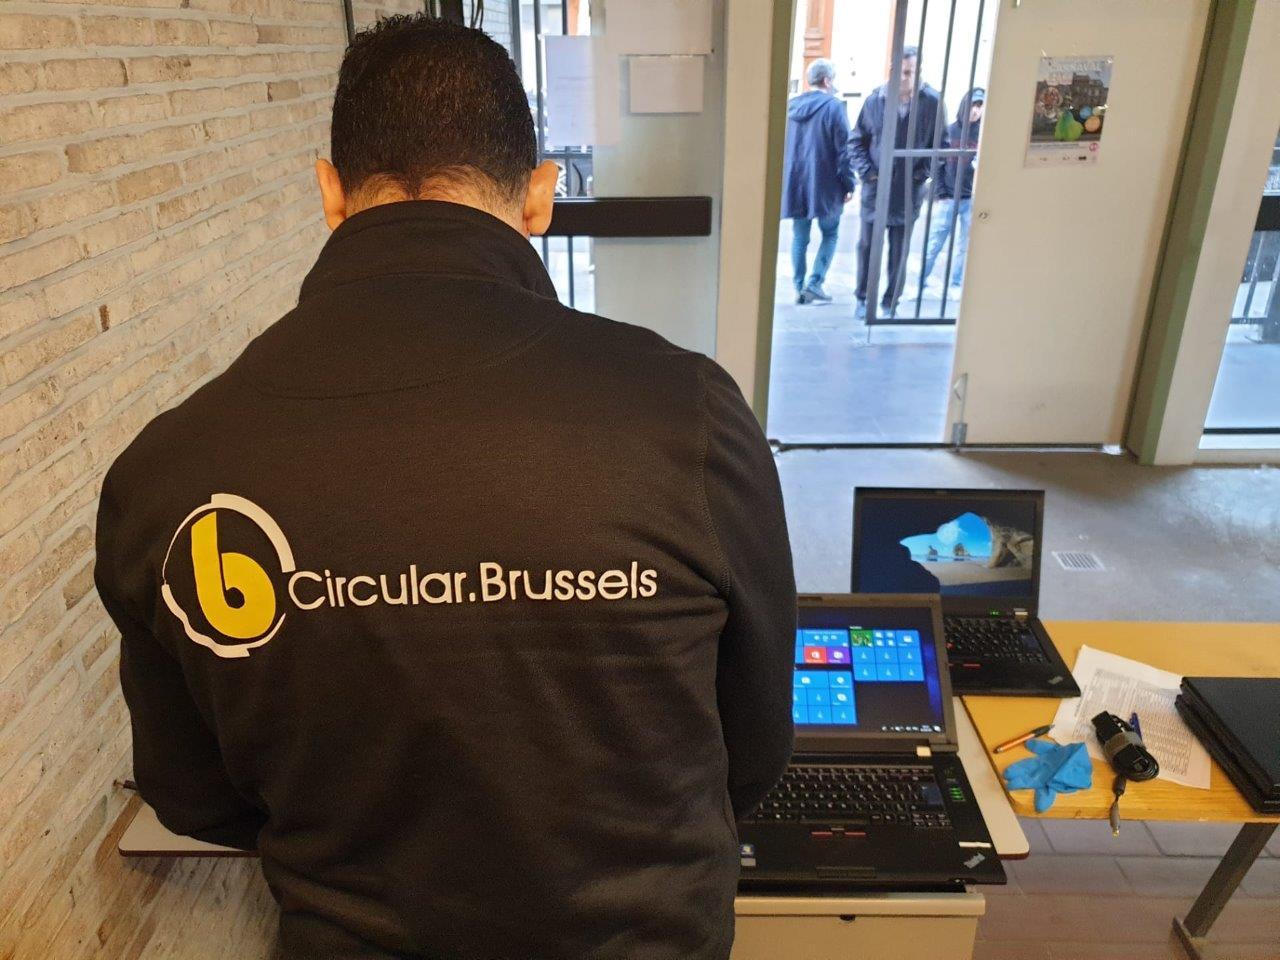 Des étudiants bruxellois ont été aidés par la collecte de vieux ordinateurs portables